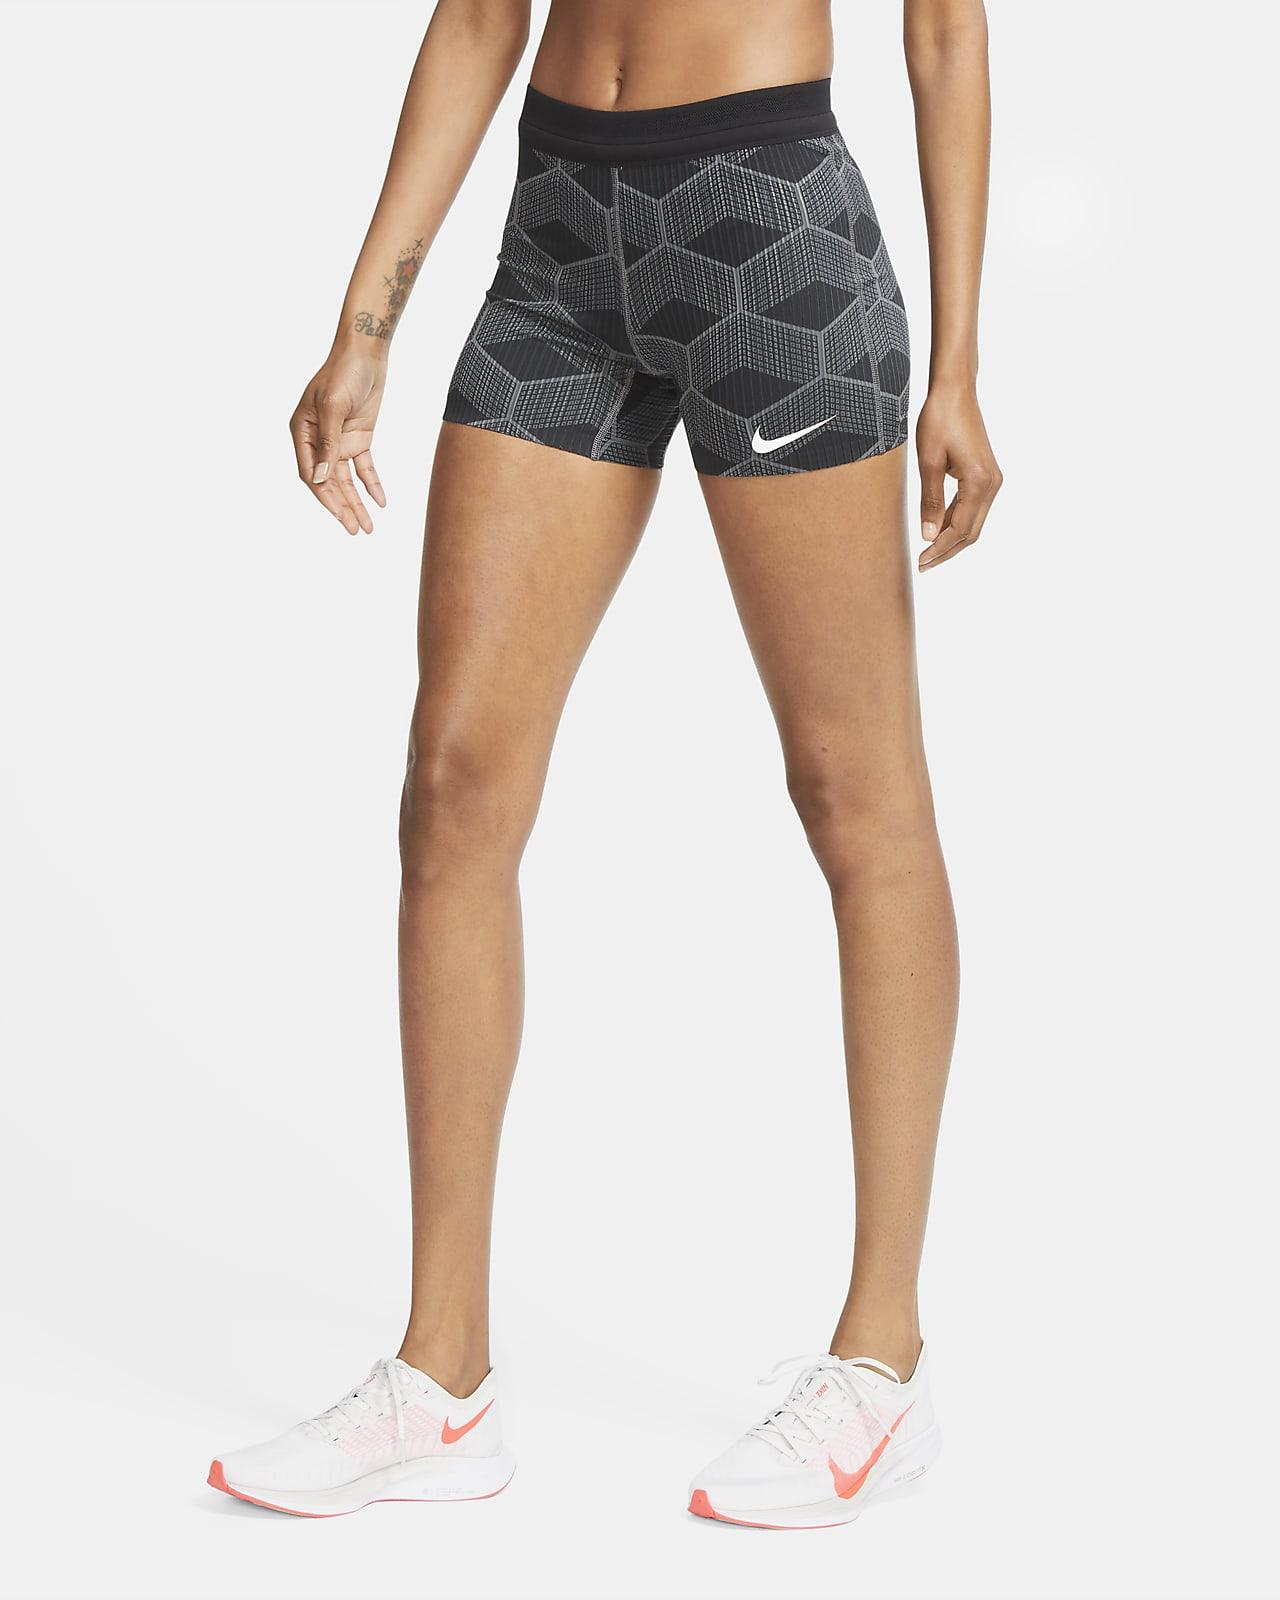 Shorts de running ajustados para mujer Nike Dri-FIT ADV Team Kenya AeroSwift